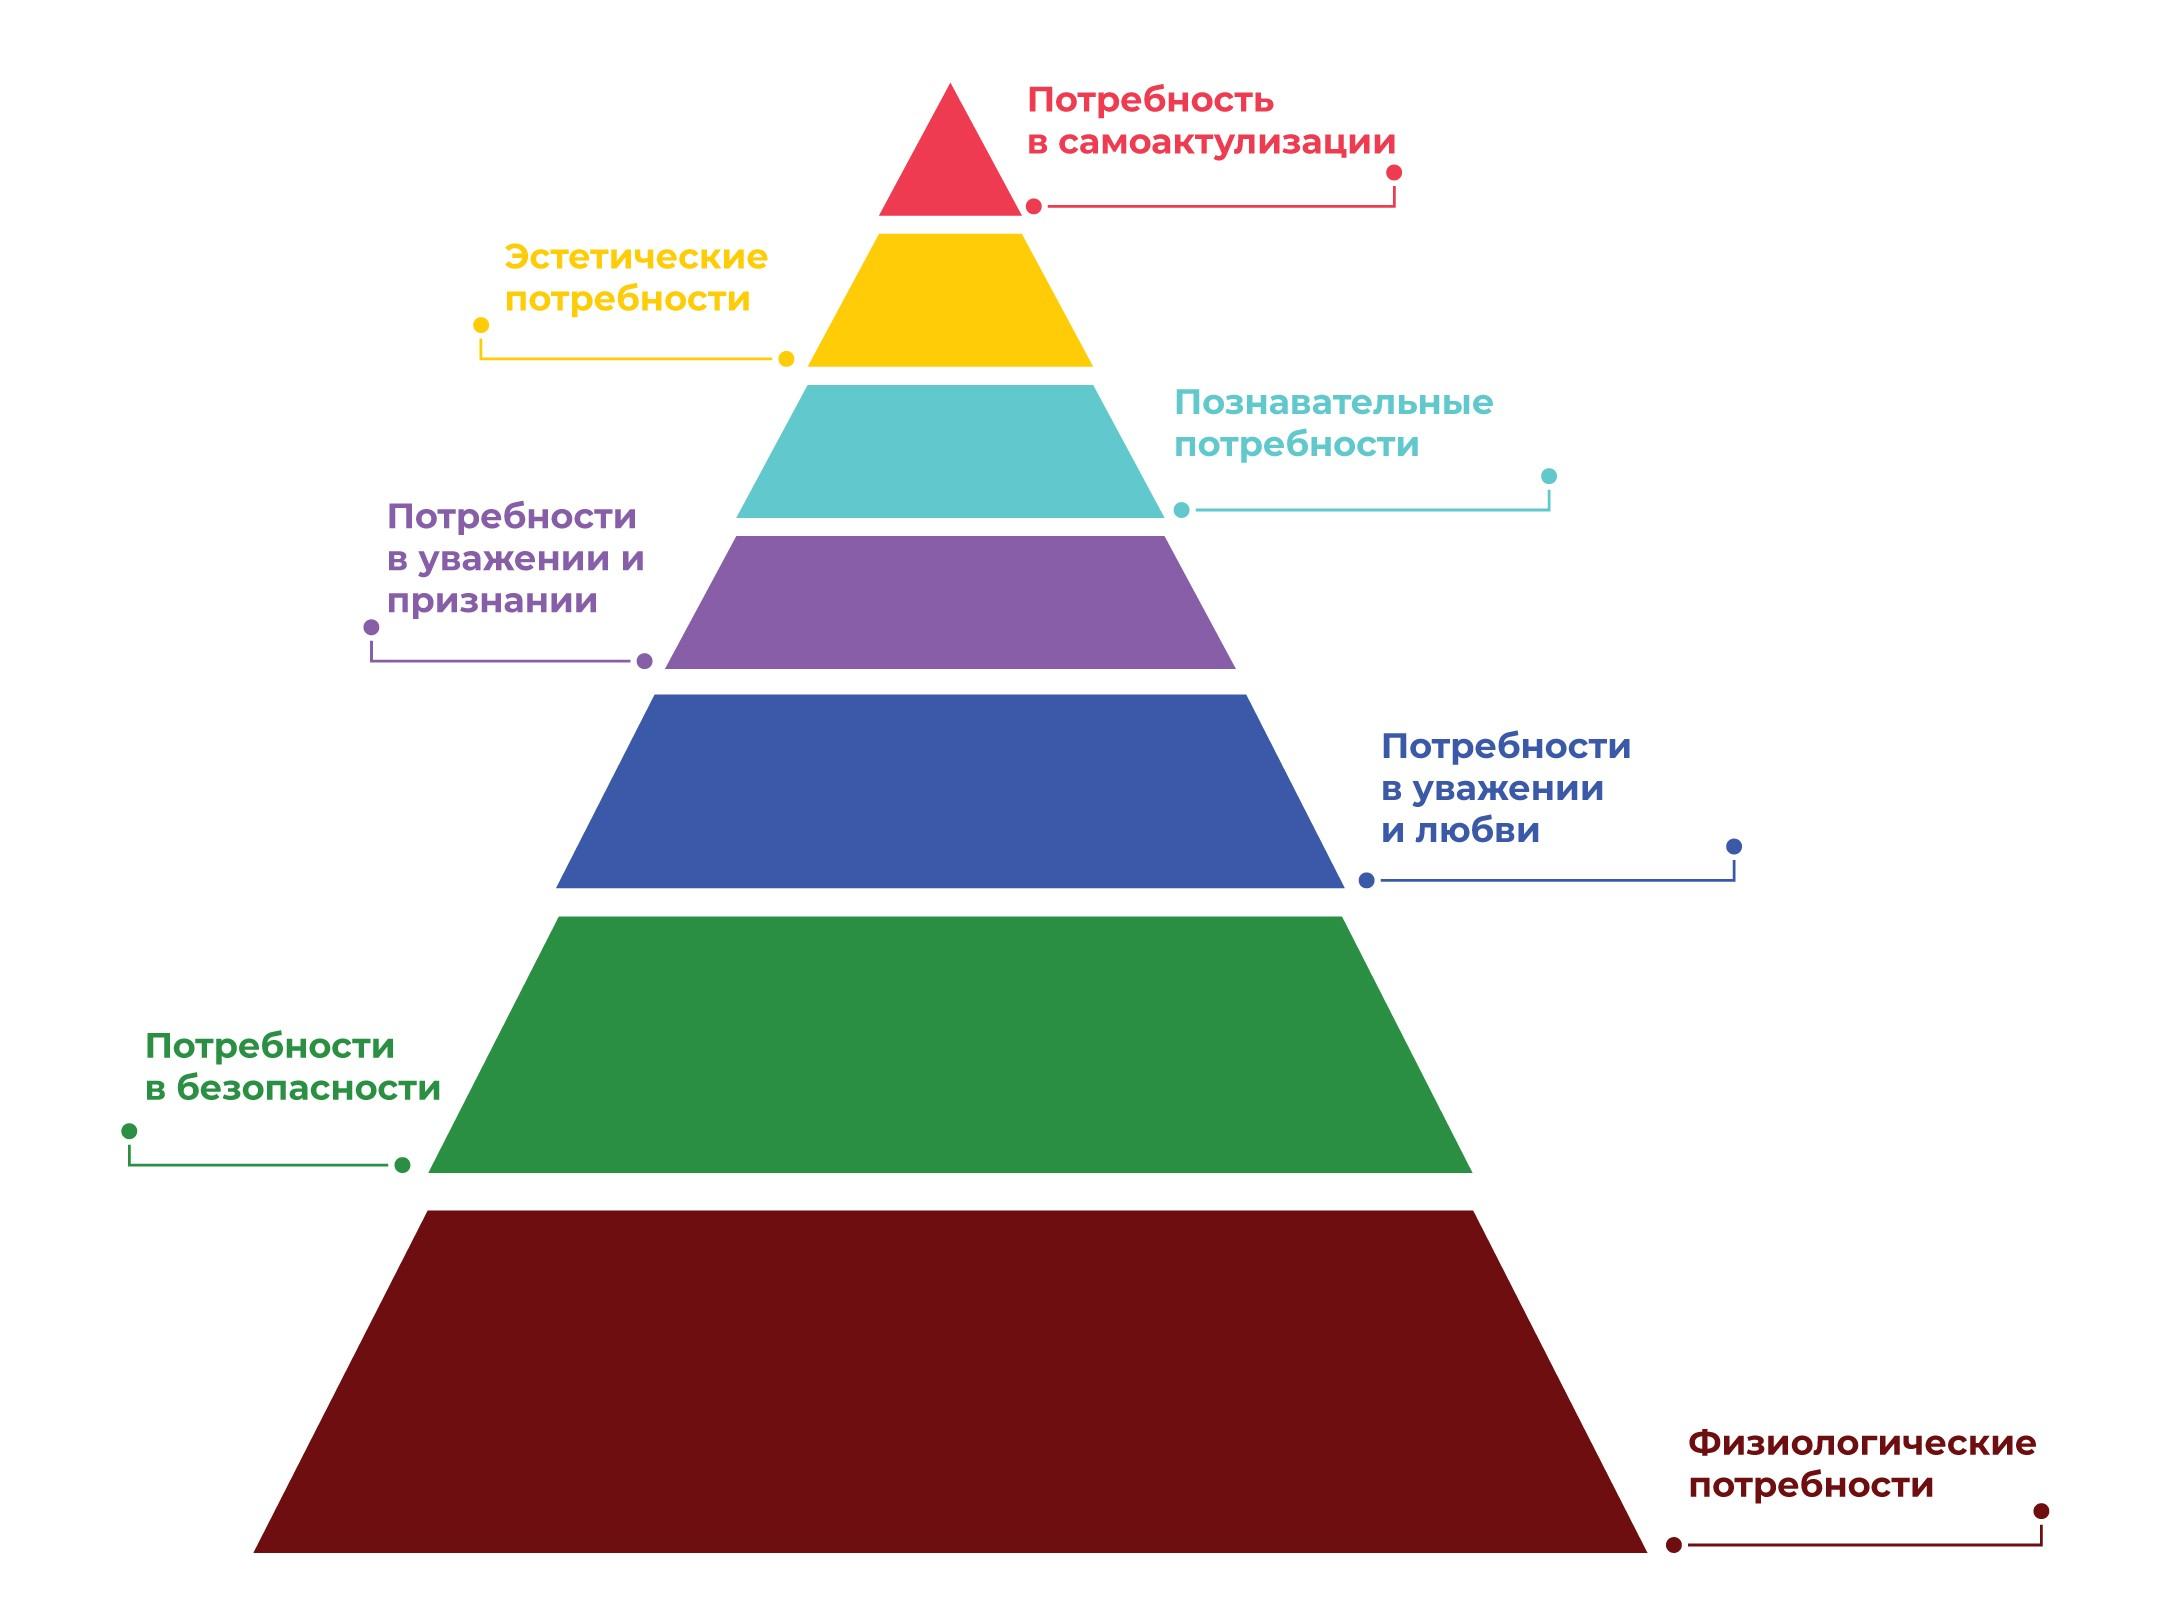 Дополненный вариант пирамиды Маслоу